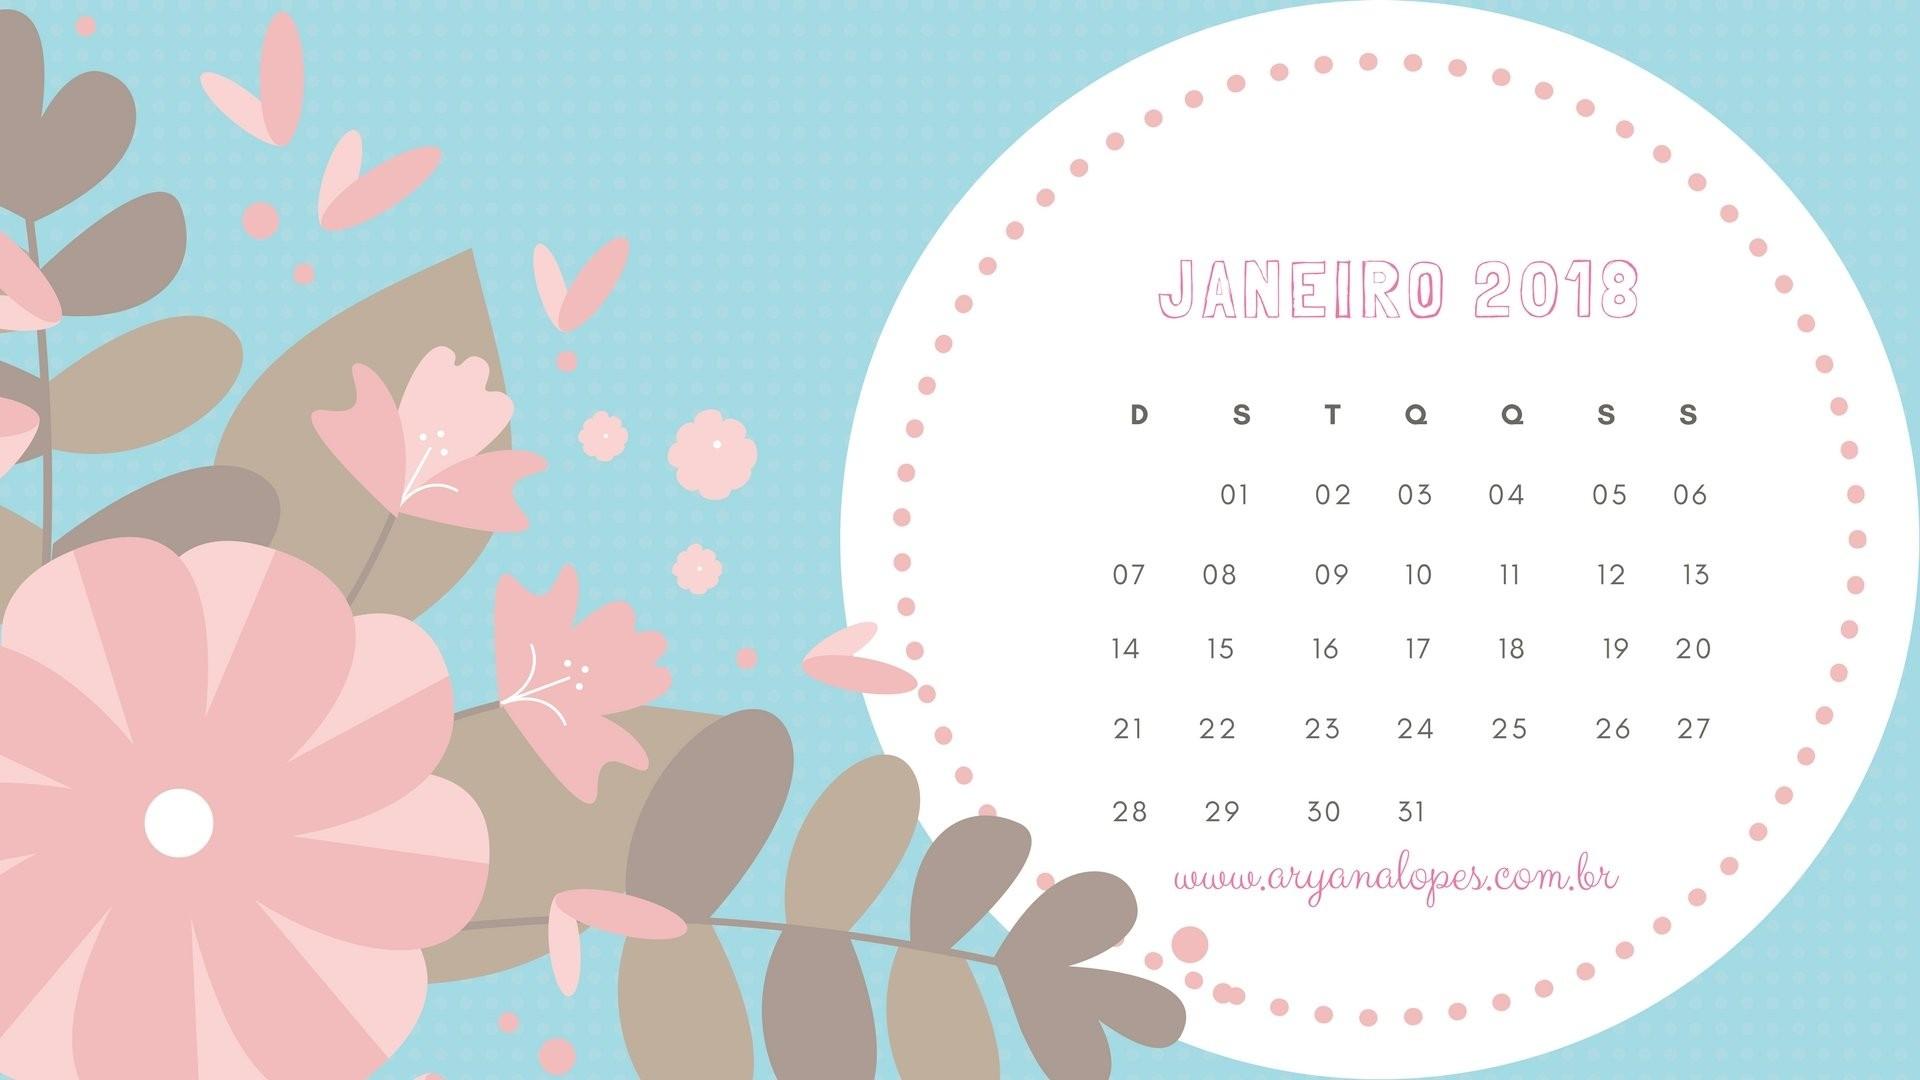 Calendário 2019 Com Feriados Download Más Reciente Partilhando Ideias Calendrio 2018 Calendrio T Of Calendário 2019 Com Feriados Download Más Caliente Calendario Novembro 2018 Imprimir T